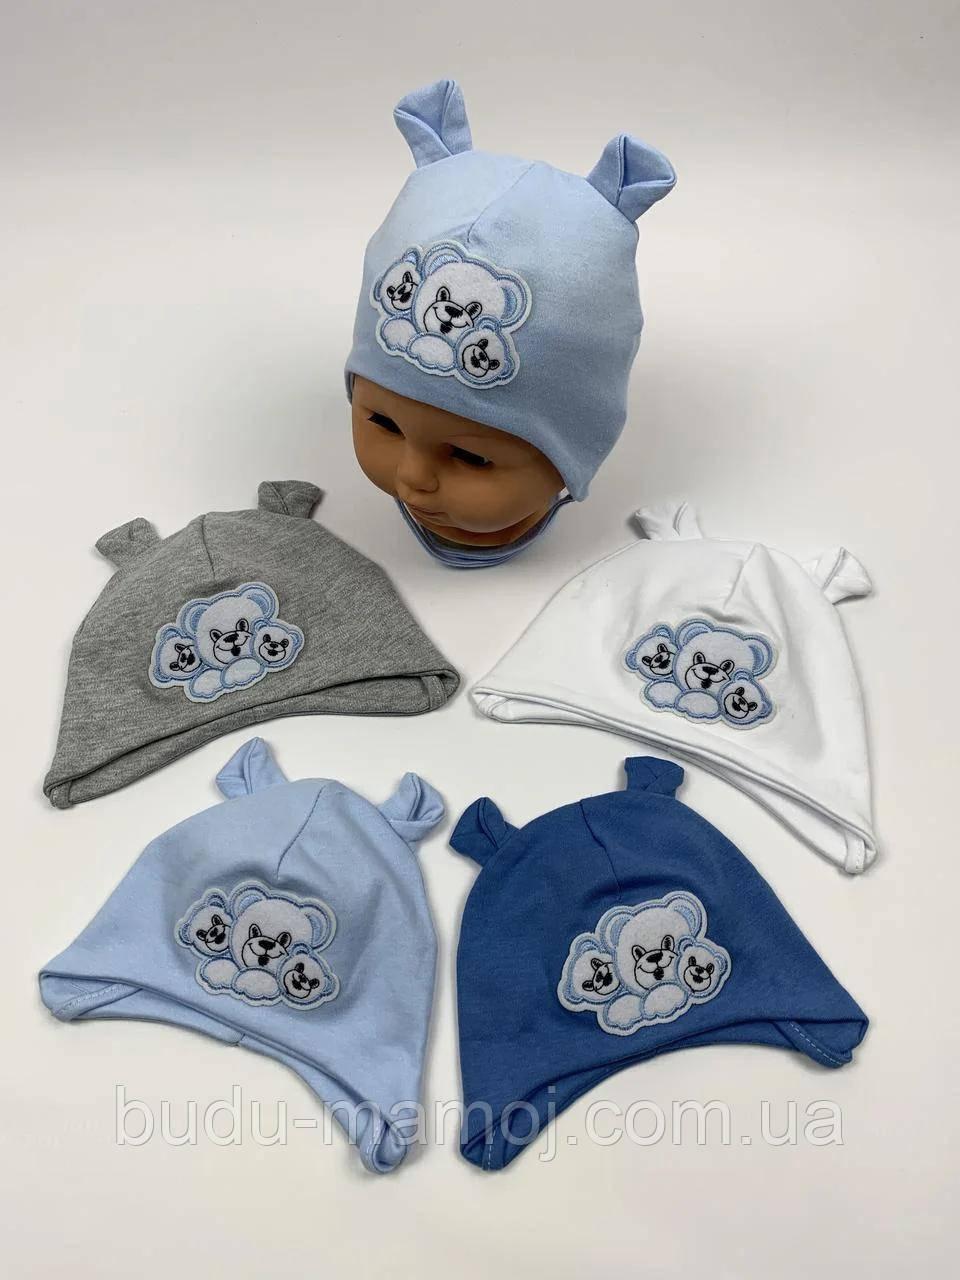 Шапочка для новорожденных 36-38 Люкс Польша голубая